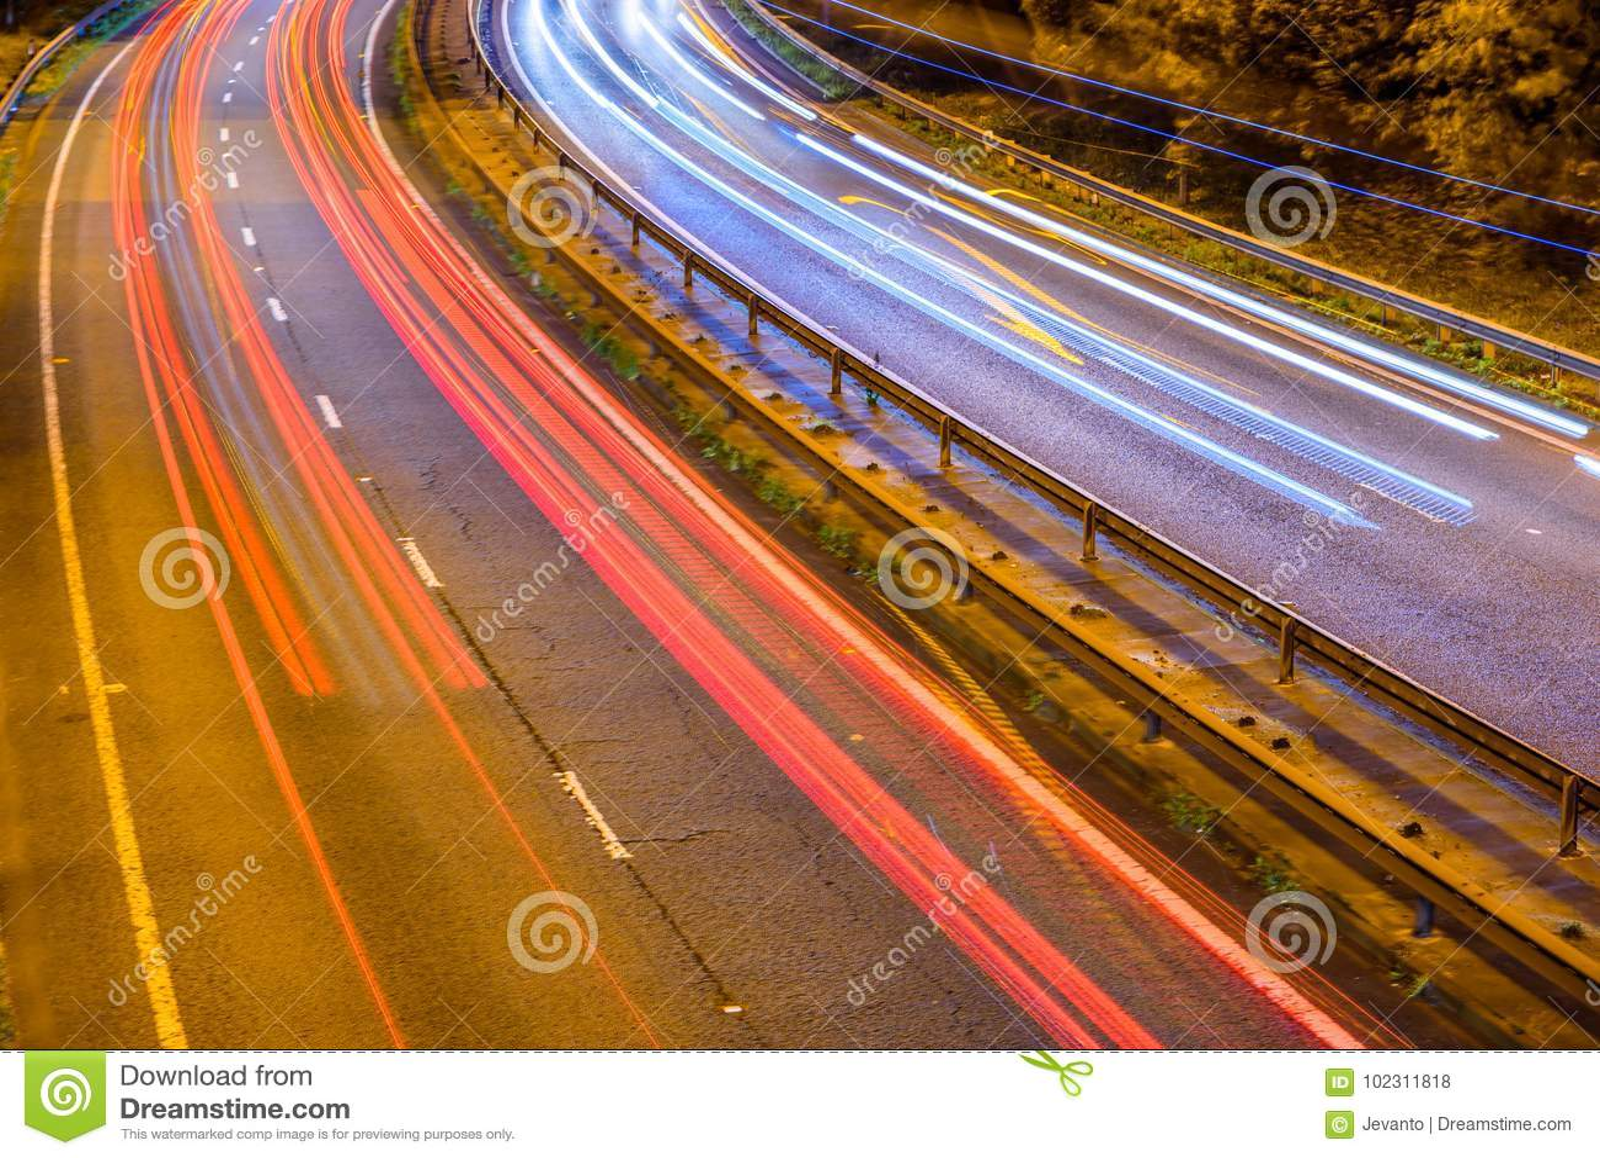 Nachtansicht des BRITISCHEN Autobahn-Landstraßen-Verkehrs